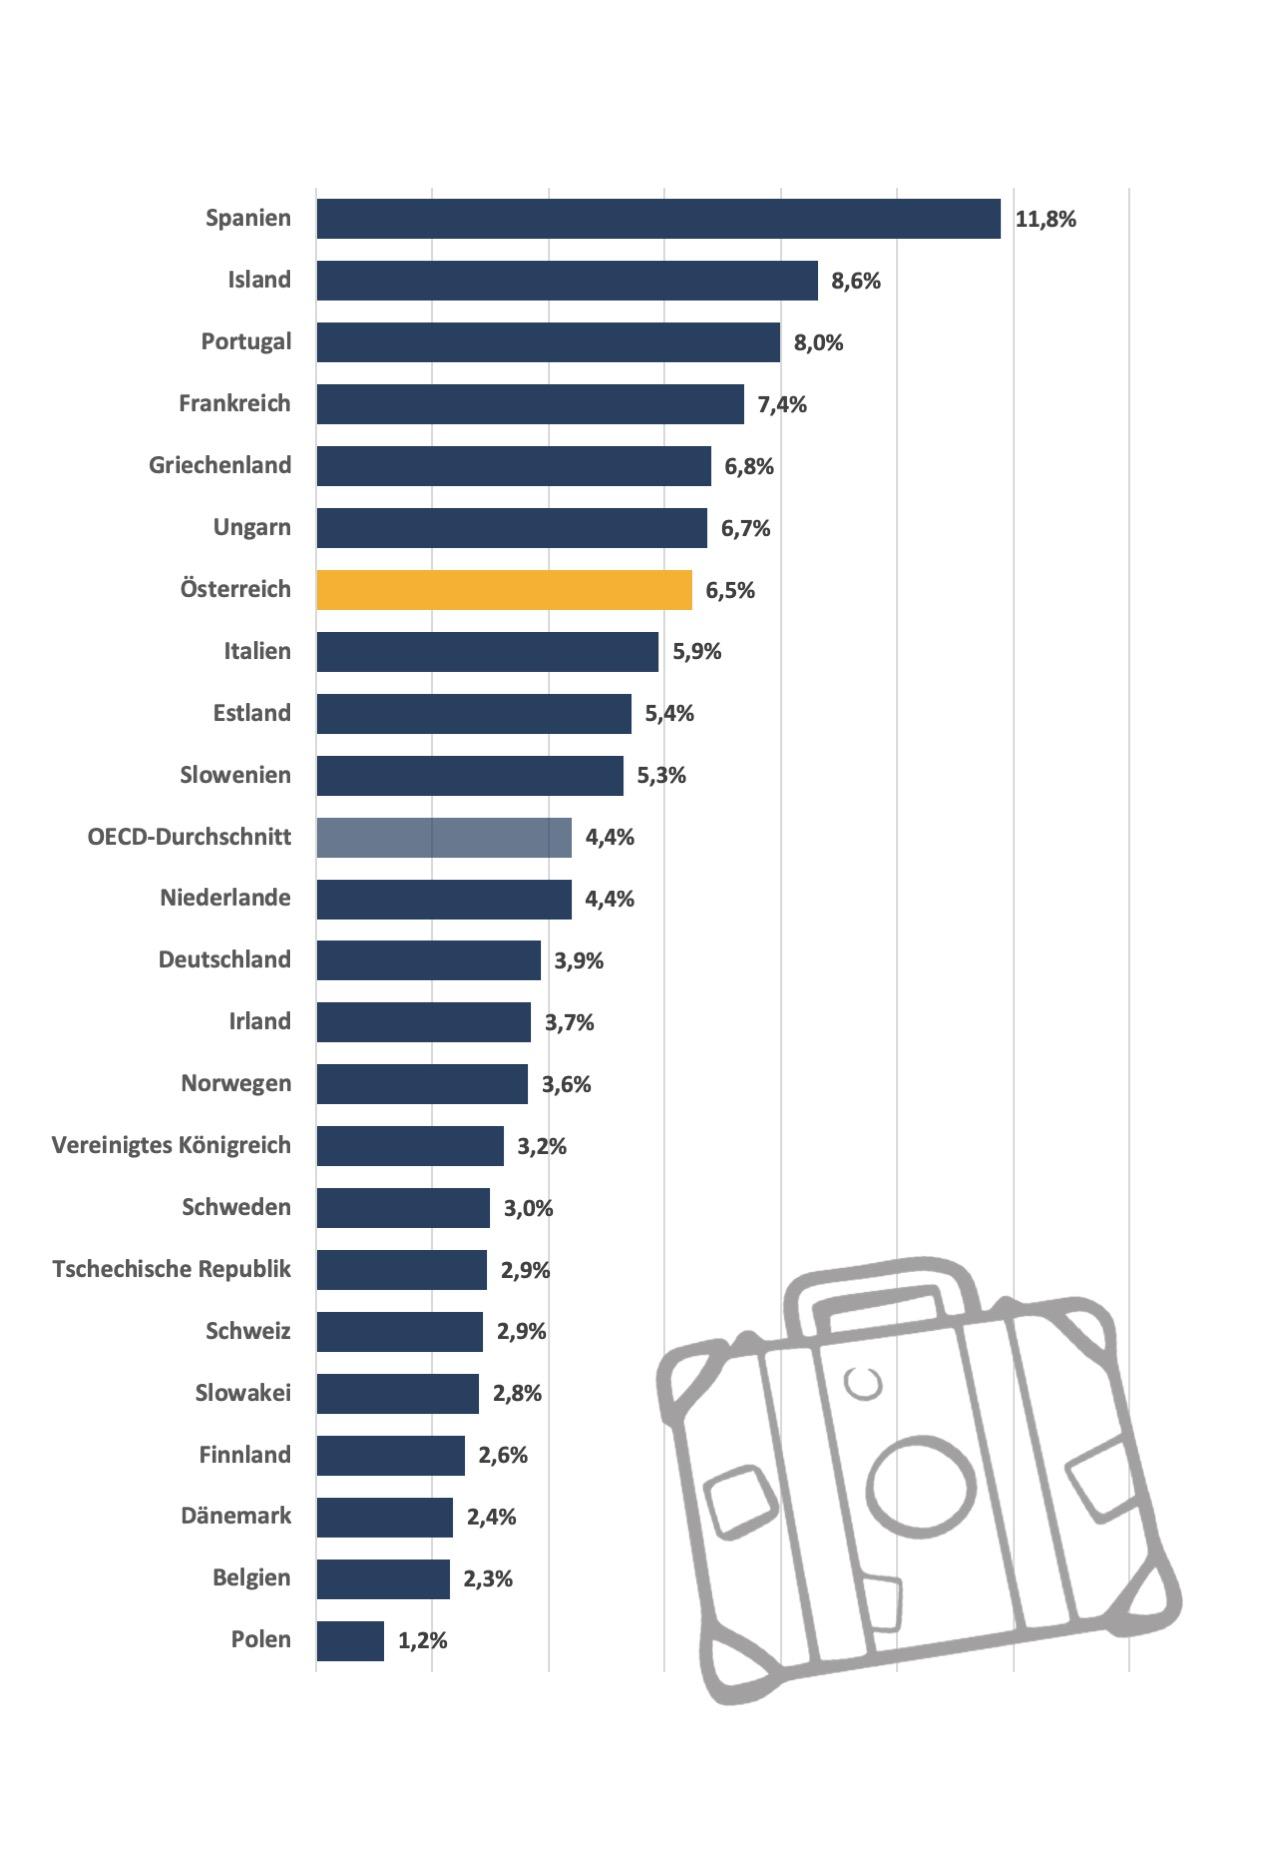 Anteil des Tourismus am BIP in ausgewählten Ländern